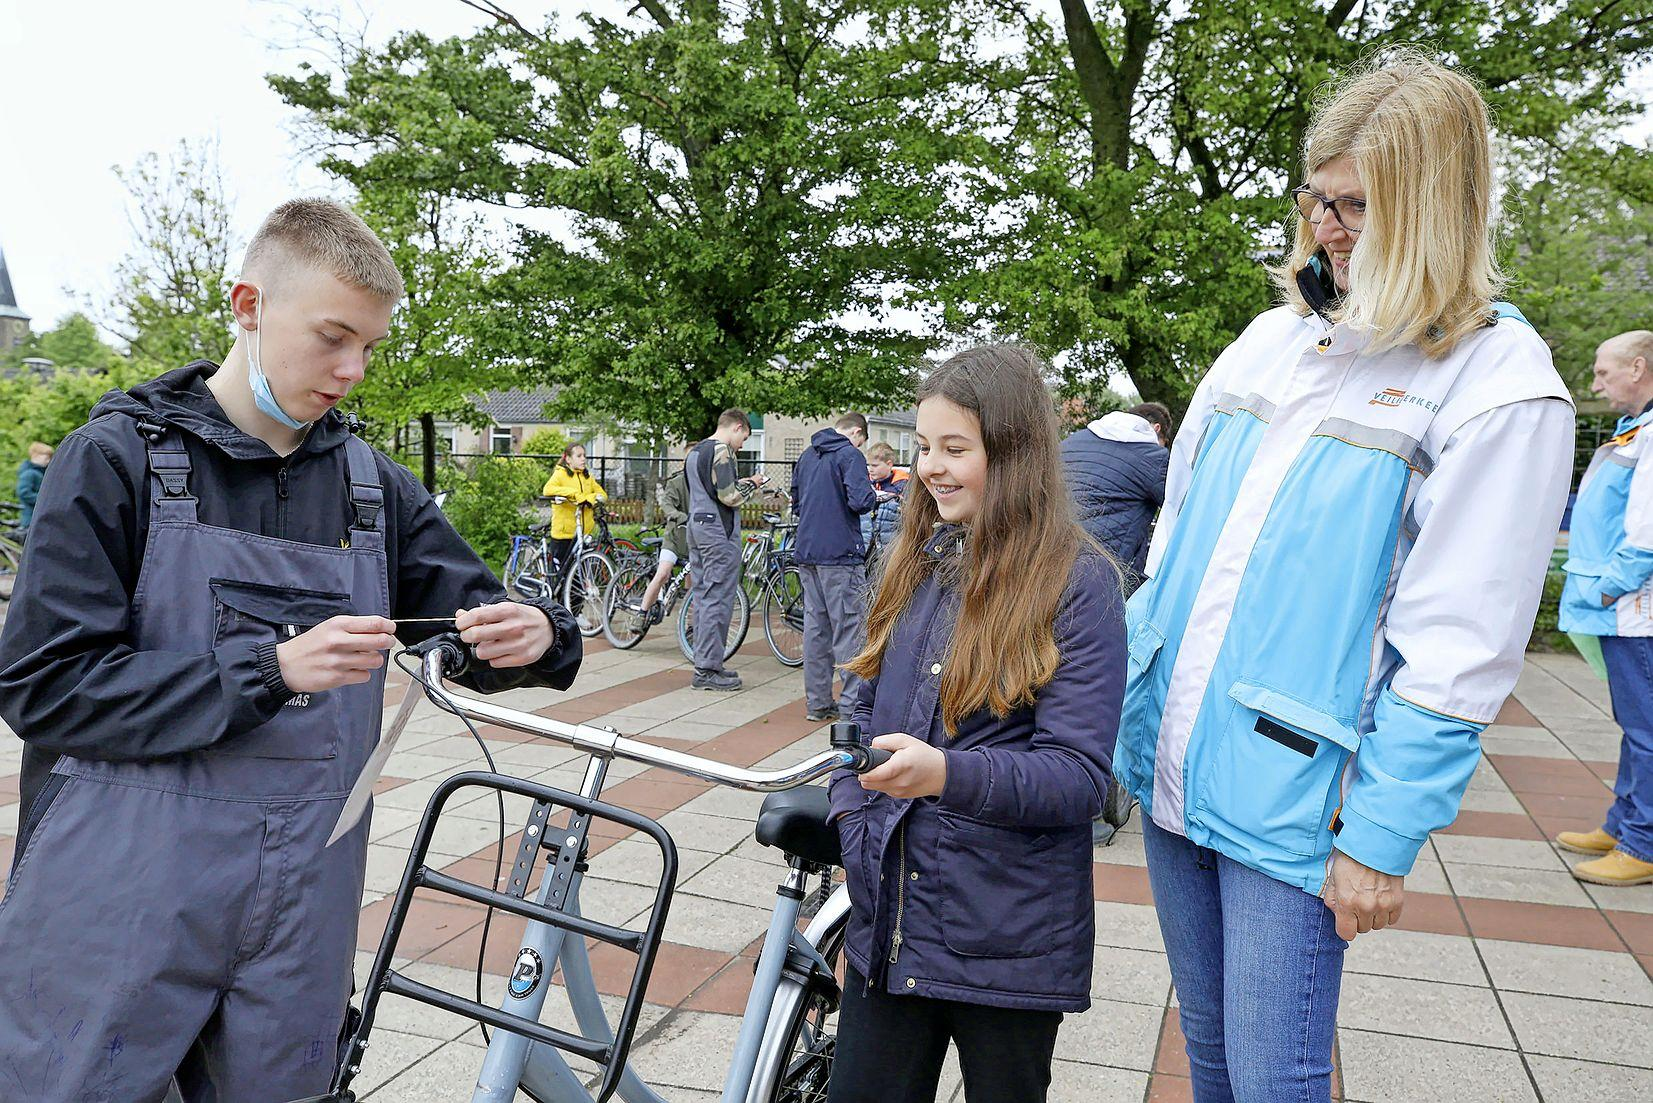 Bijna alle scholieren rijden op een goede fiets, slechts vier van de 121 komen niet door keuring